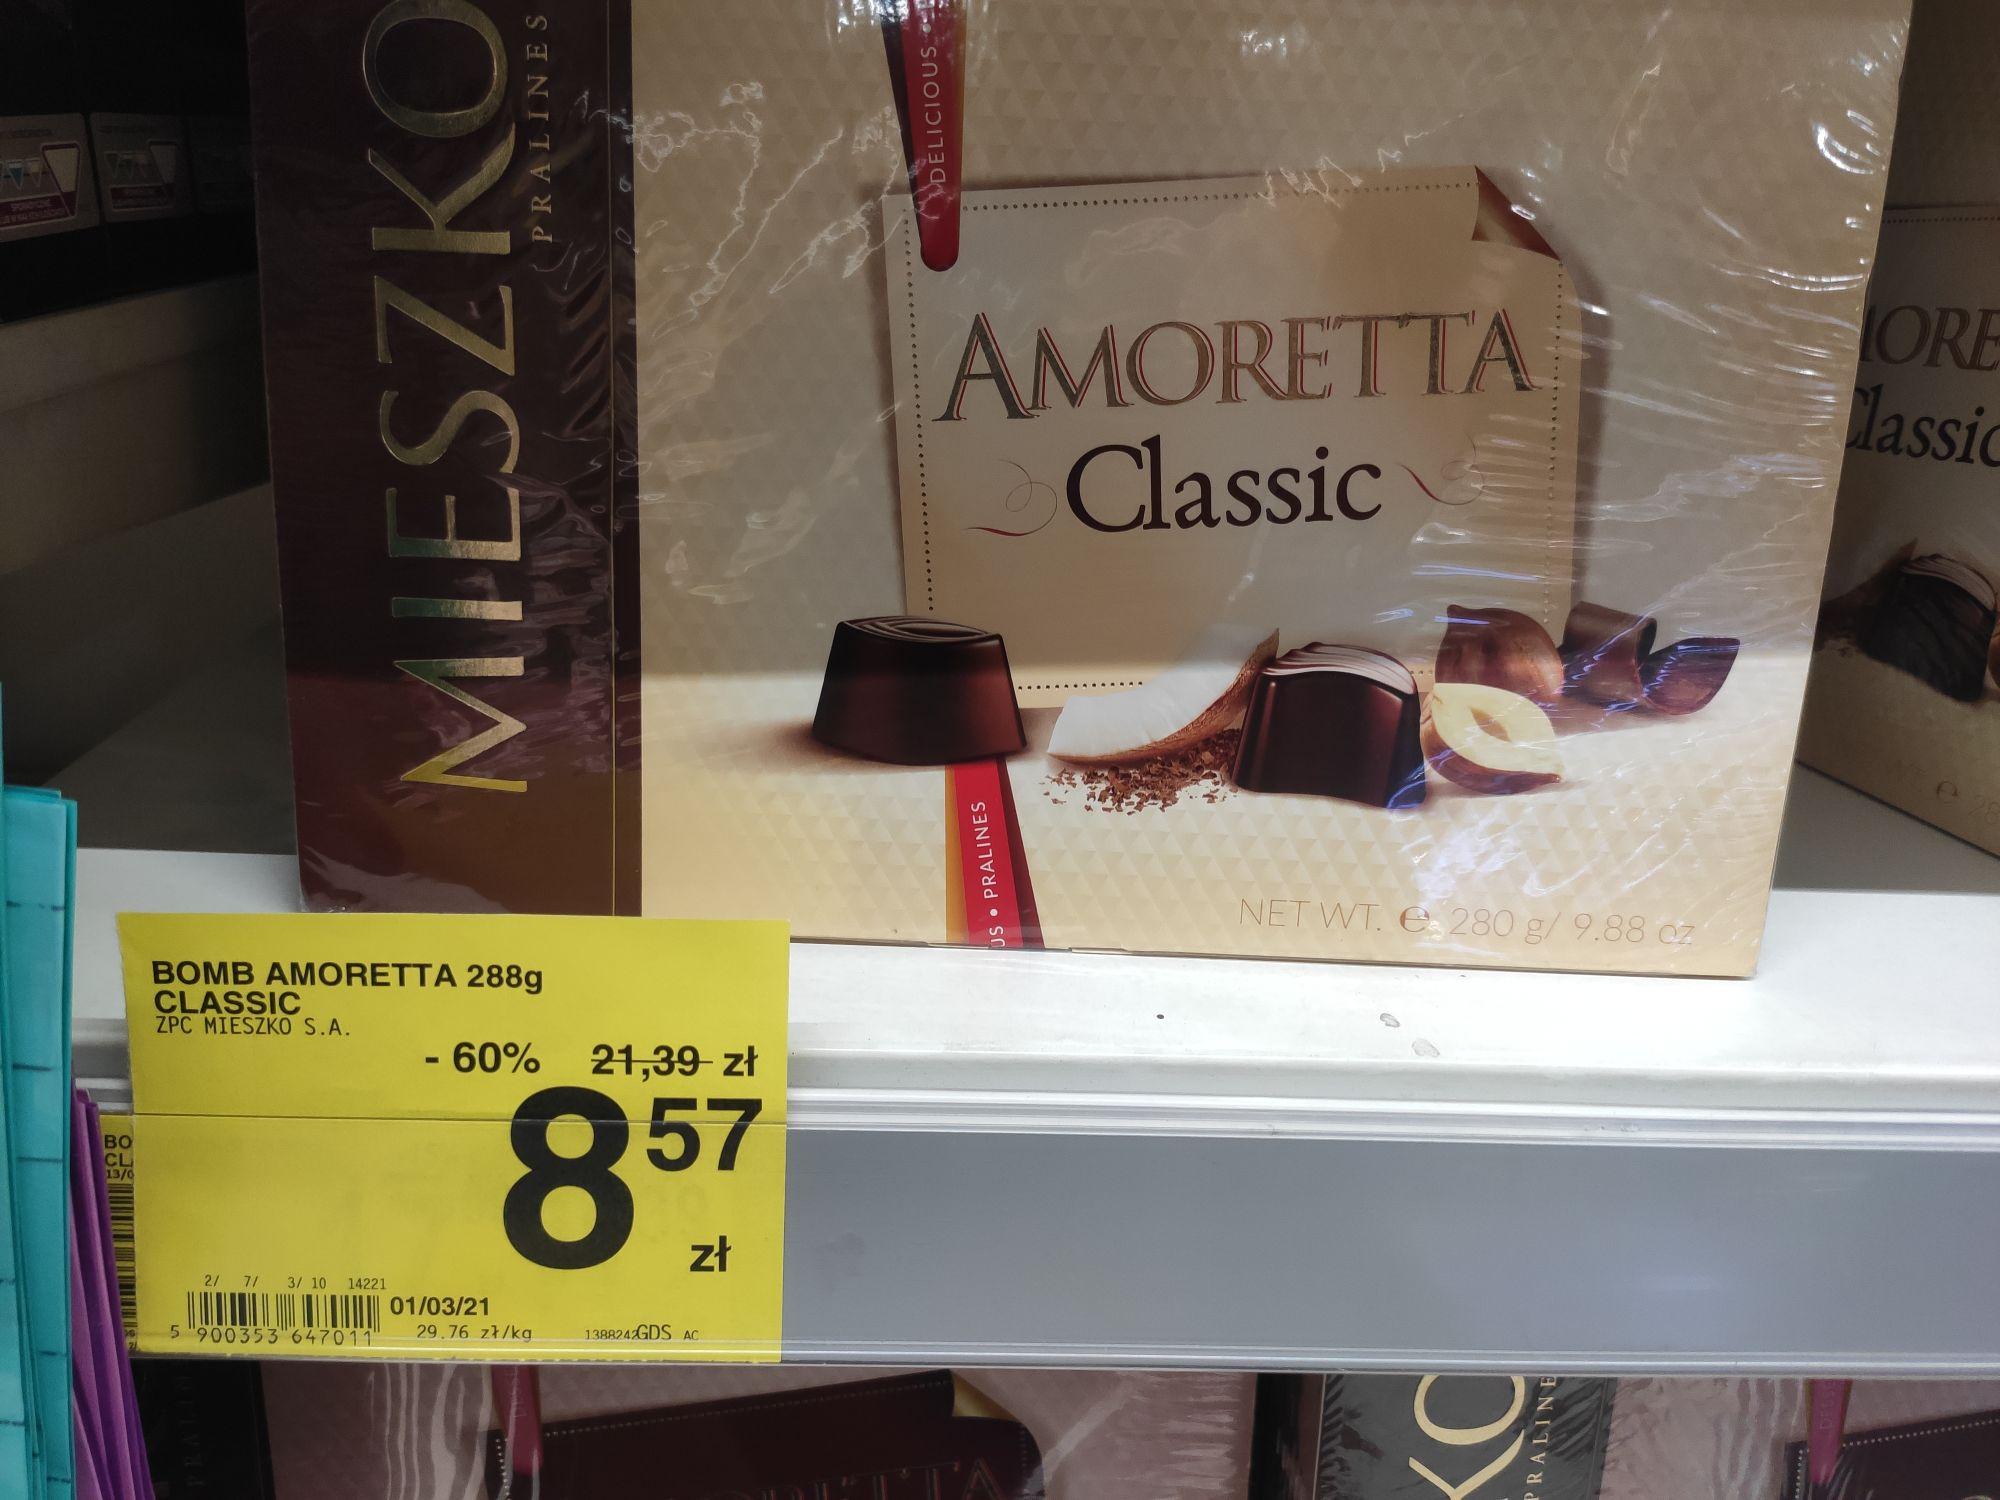 Praliny Mieszko Amoretta Classic [Carrefour Czyżyny Kraków]